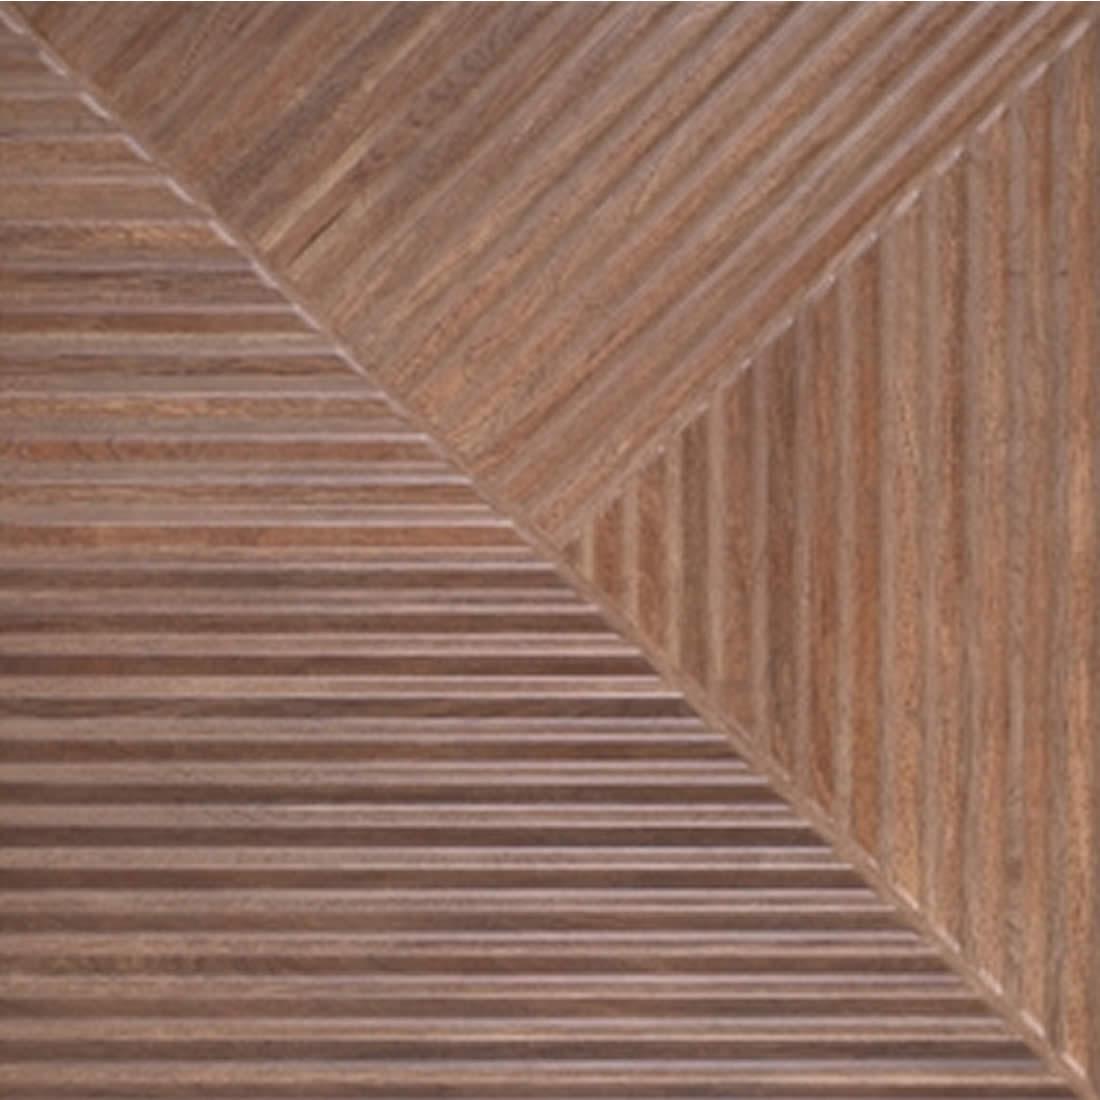 Porcelanato Elizabeth Woodwork Hard 84 x 84 HD Esmaltado Ref 01040001002634